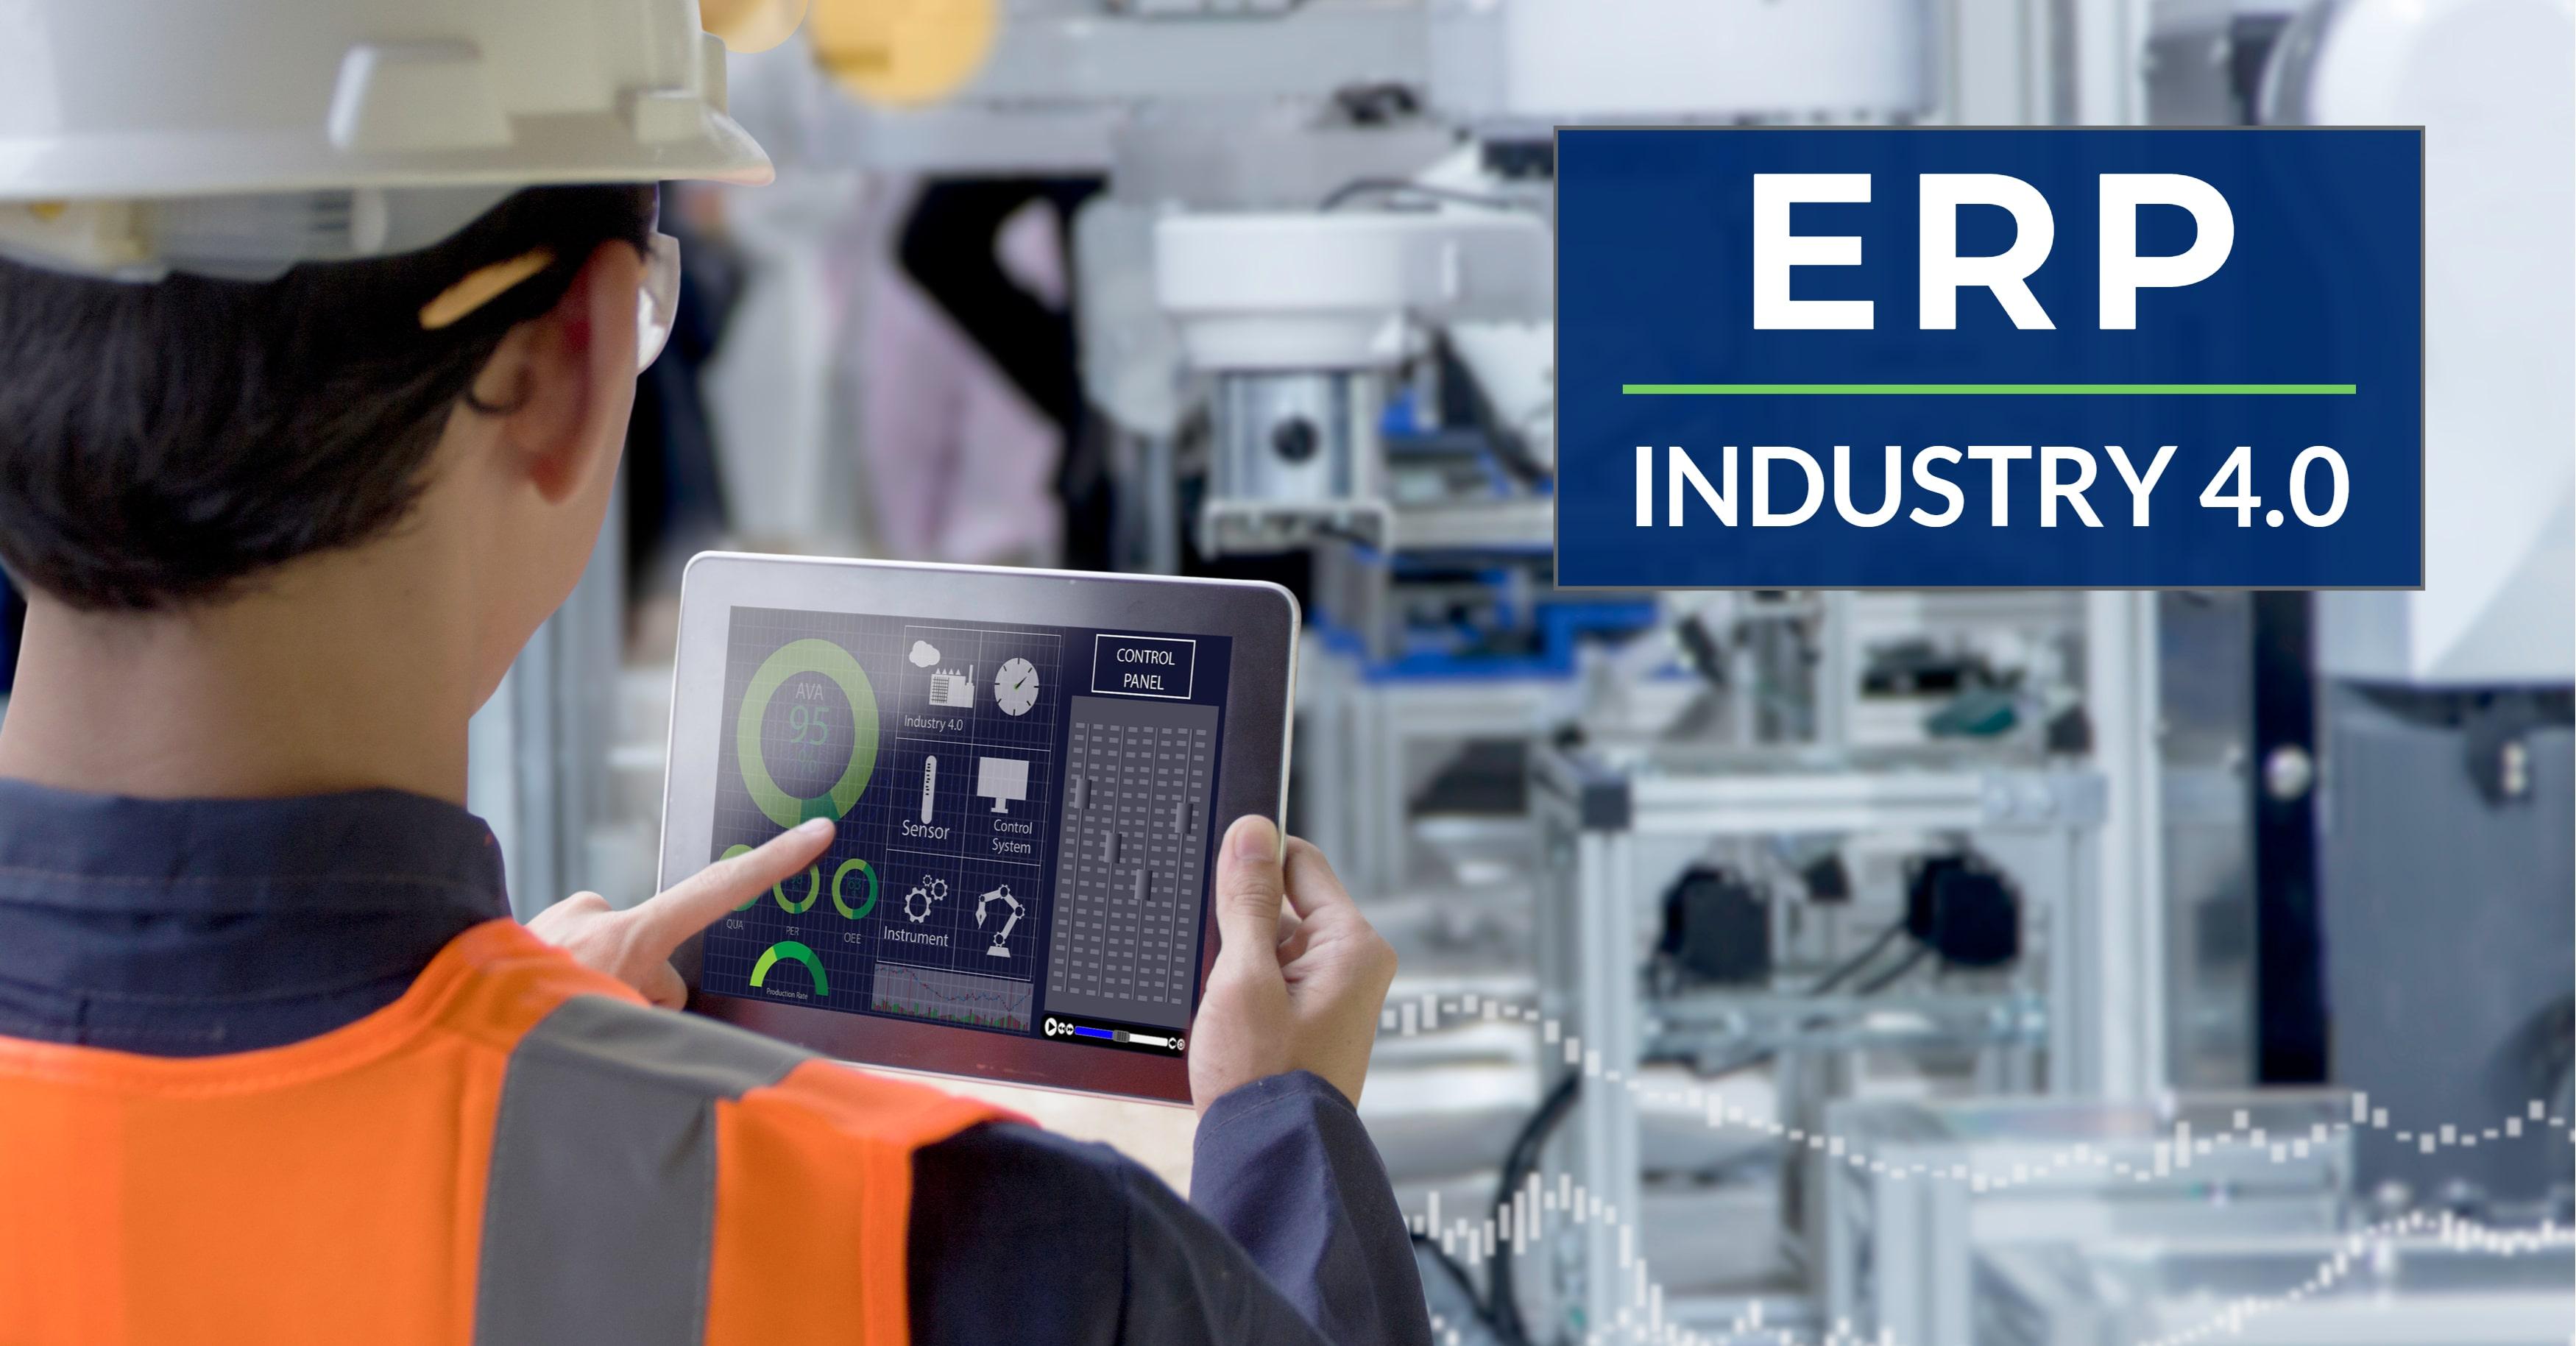 ERP Industry 4.0